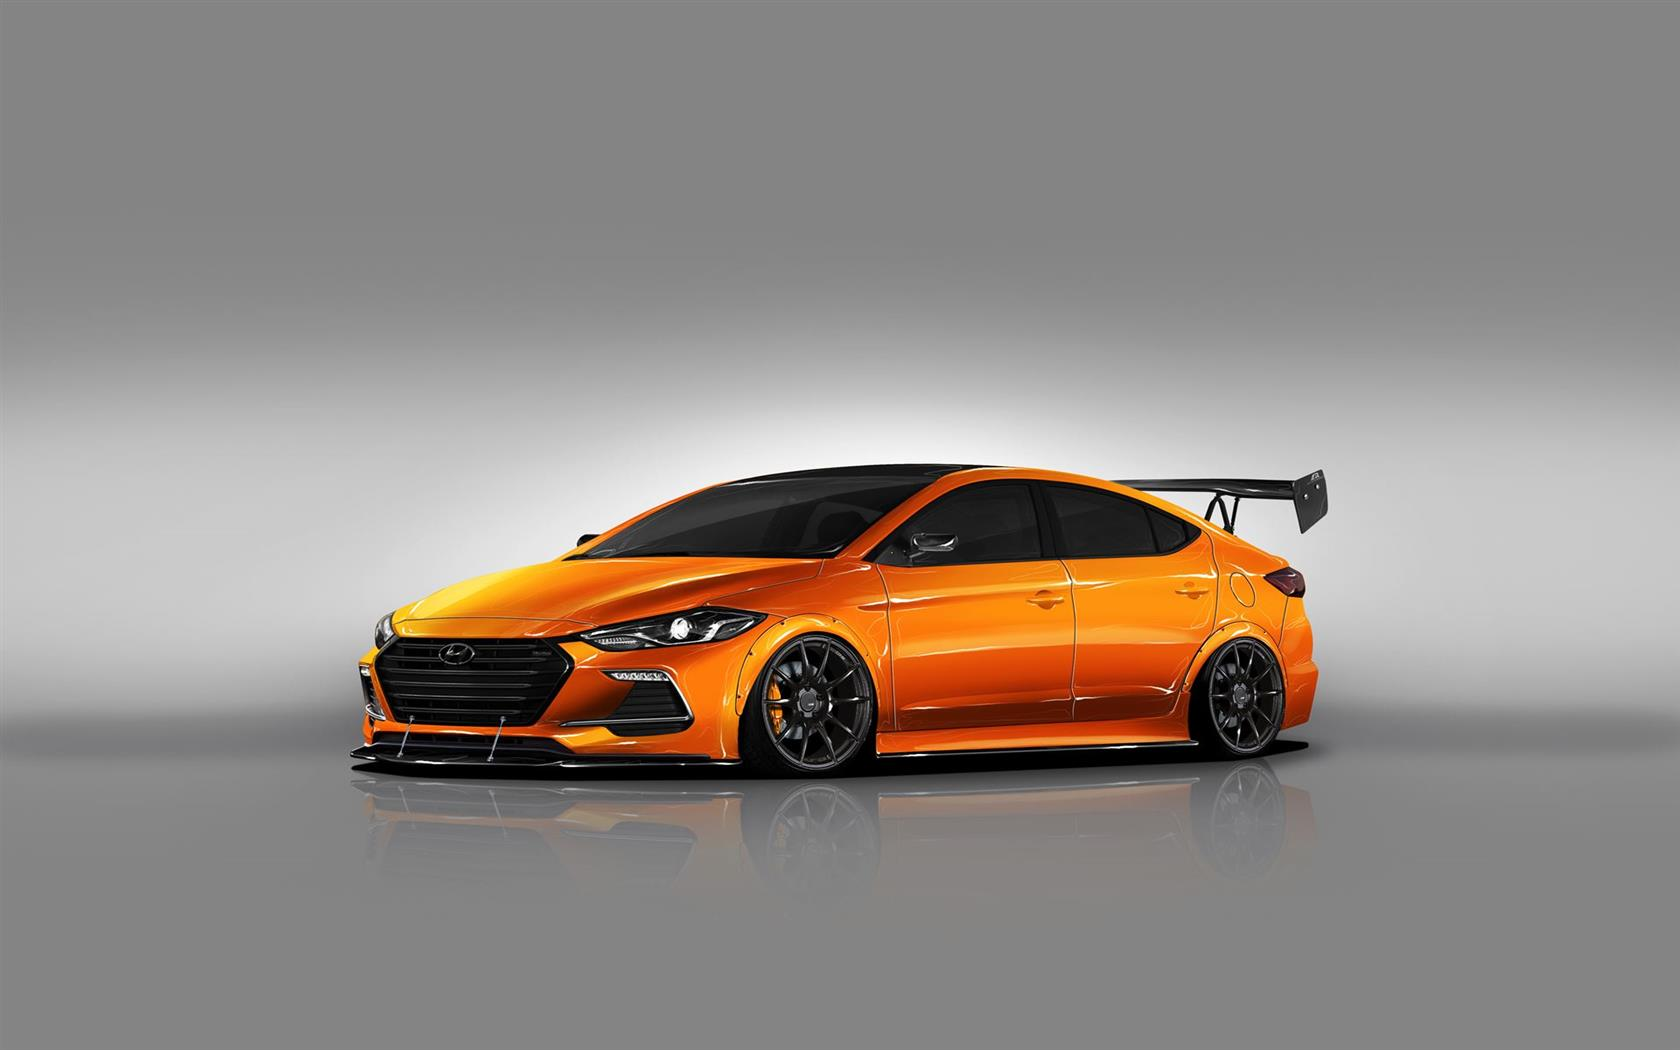 2017 Hyundai Btr Elantra Sport Edition Image Https Www Conceptcarz Com Images Hyundai Btr